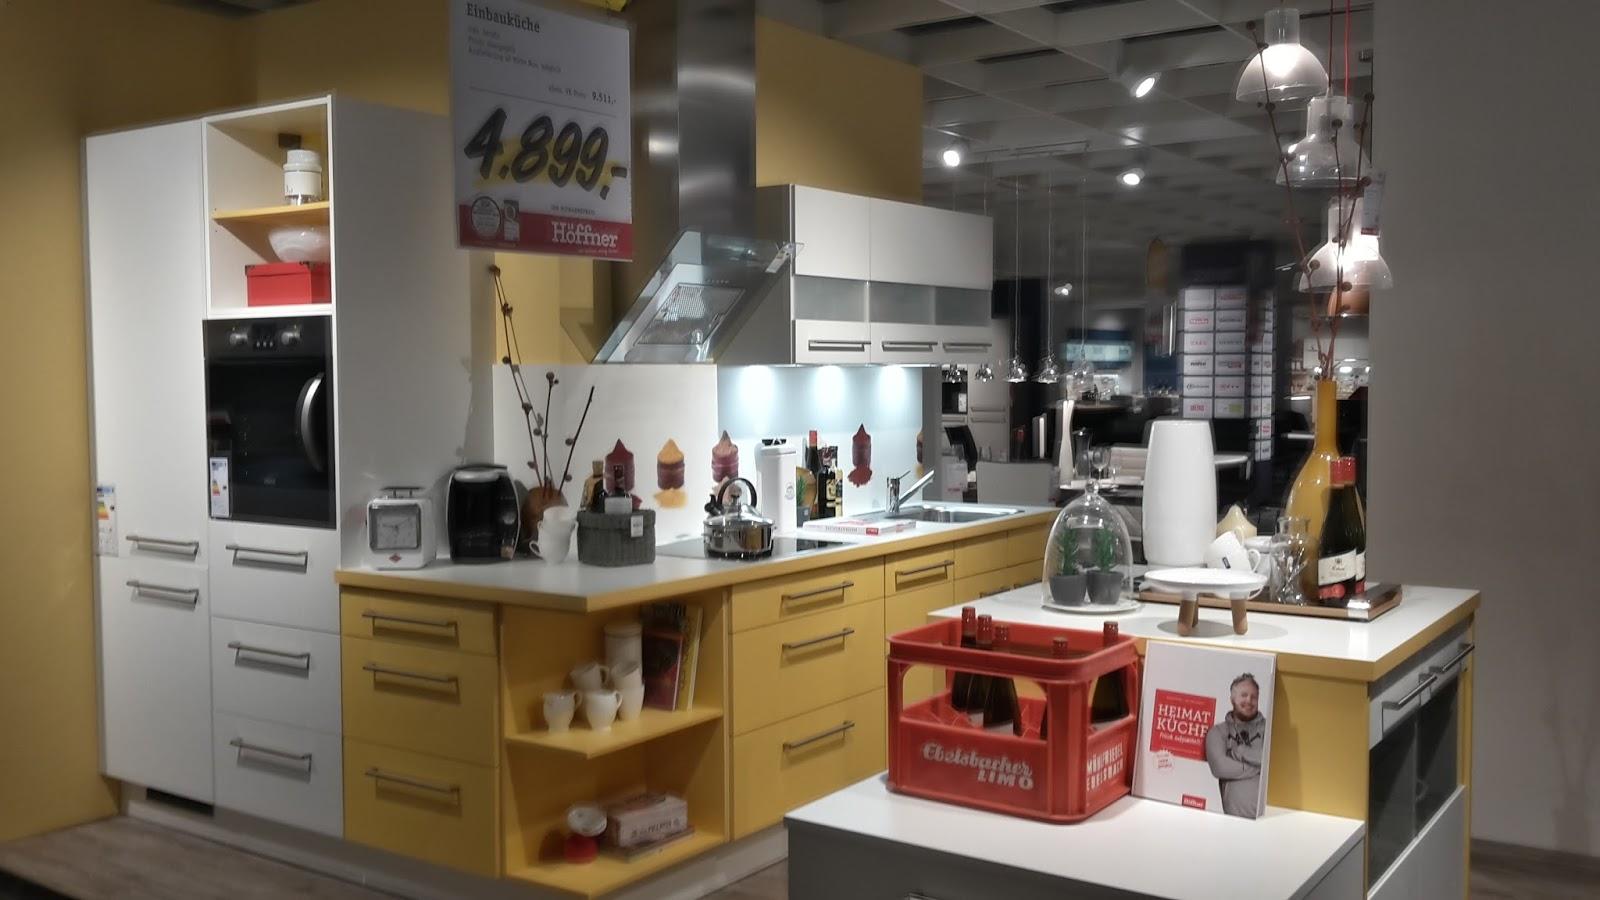 Küchen Aktuell Halstenbek küchen aktuell halstenbek verkaufsoffener sonntag home creation